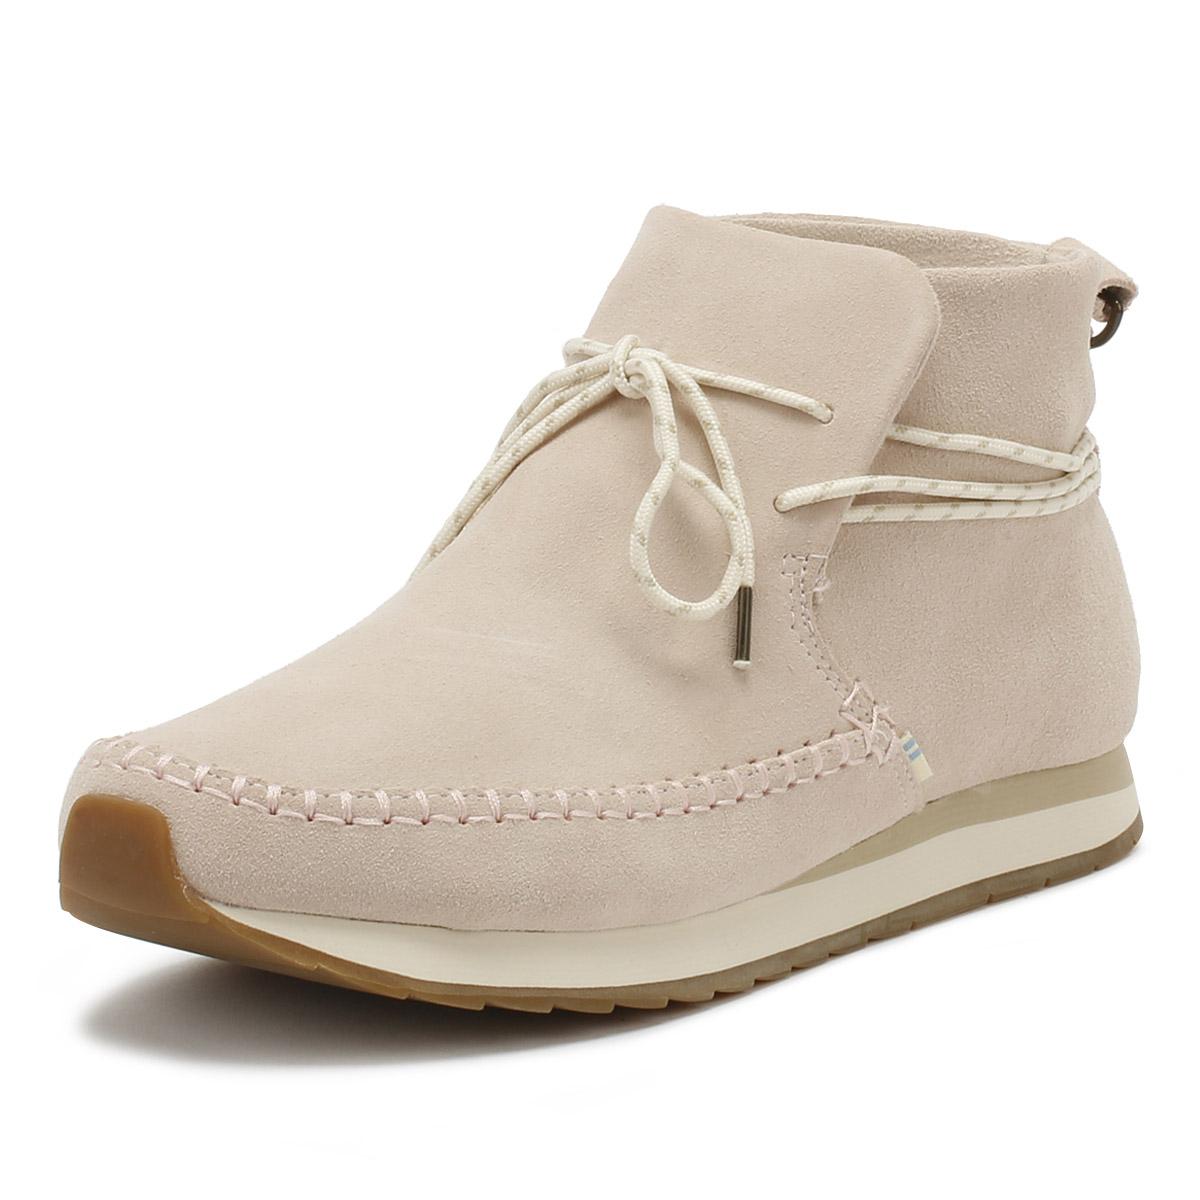 e024d21cbd1 Details about TOMS Womens Blush Pink Rio Ankle Shoes Suede Ladies Laces  Boots